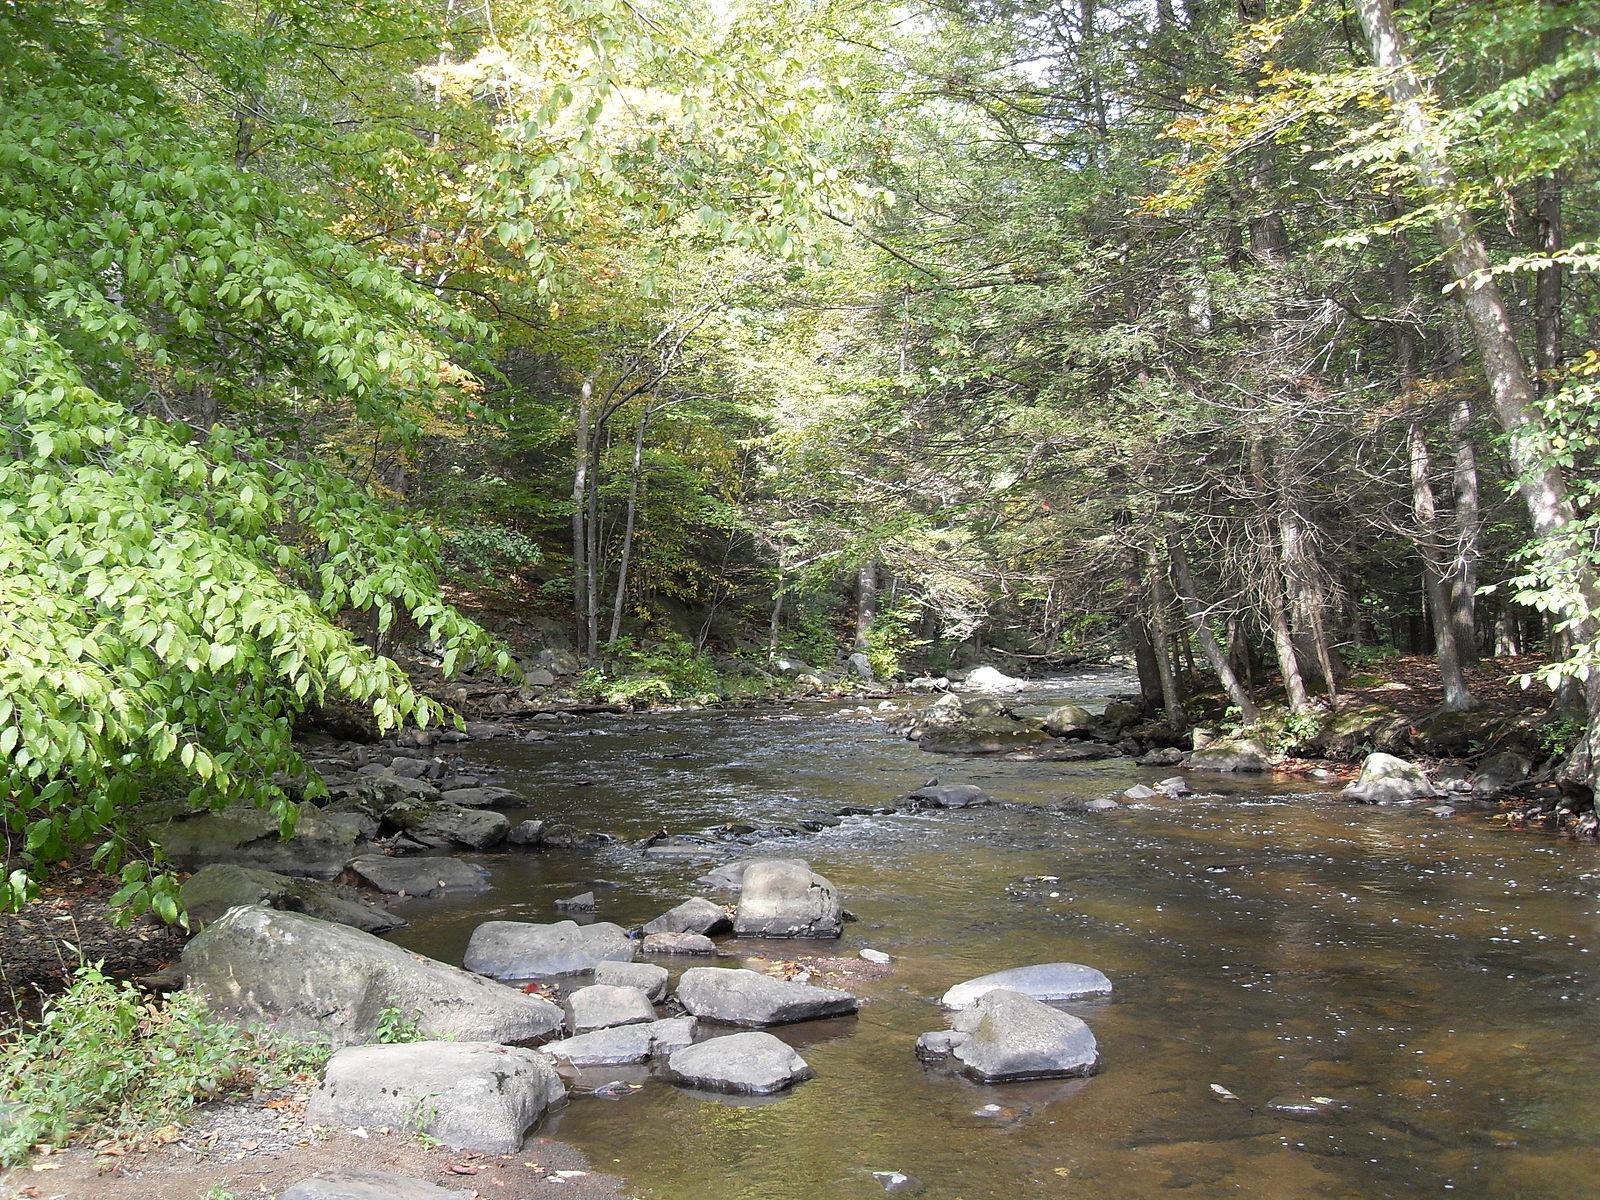 Hacklebarney State Park  Photo by Ekem/CCA-SA 3.0